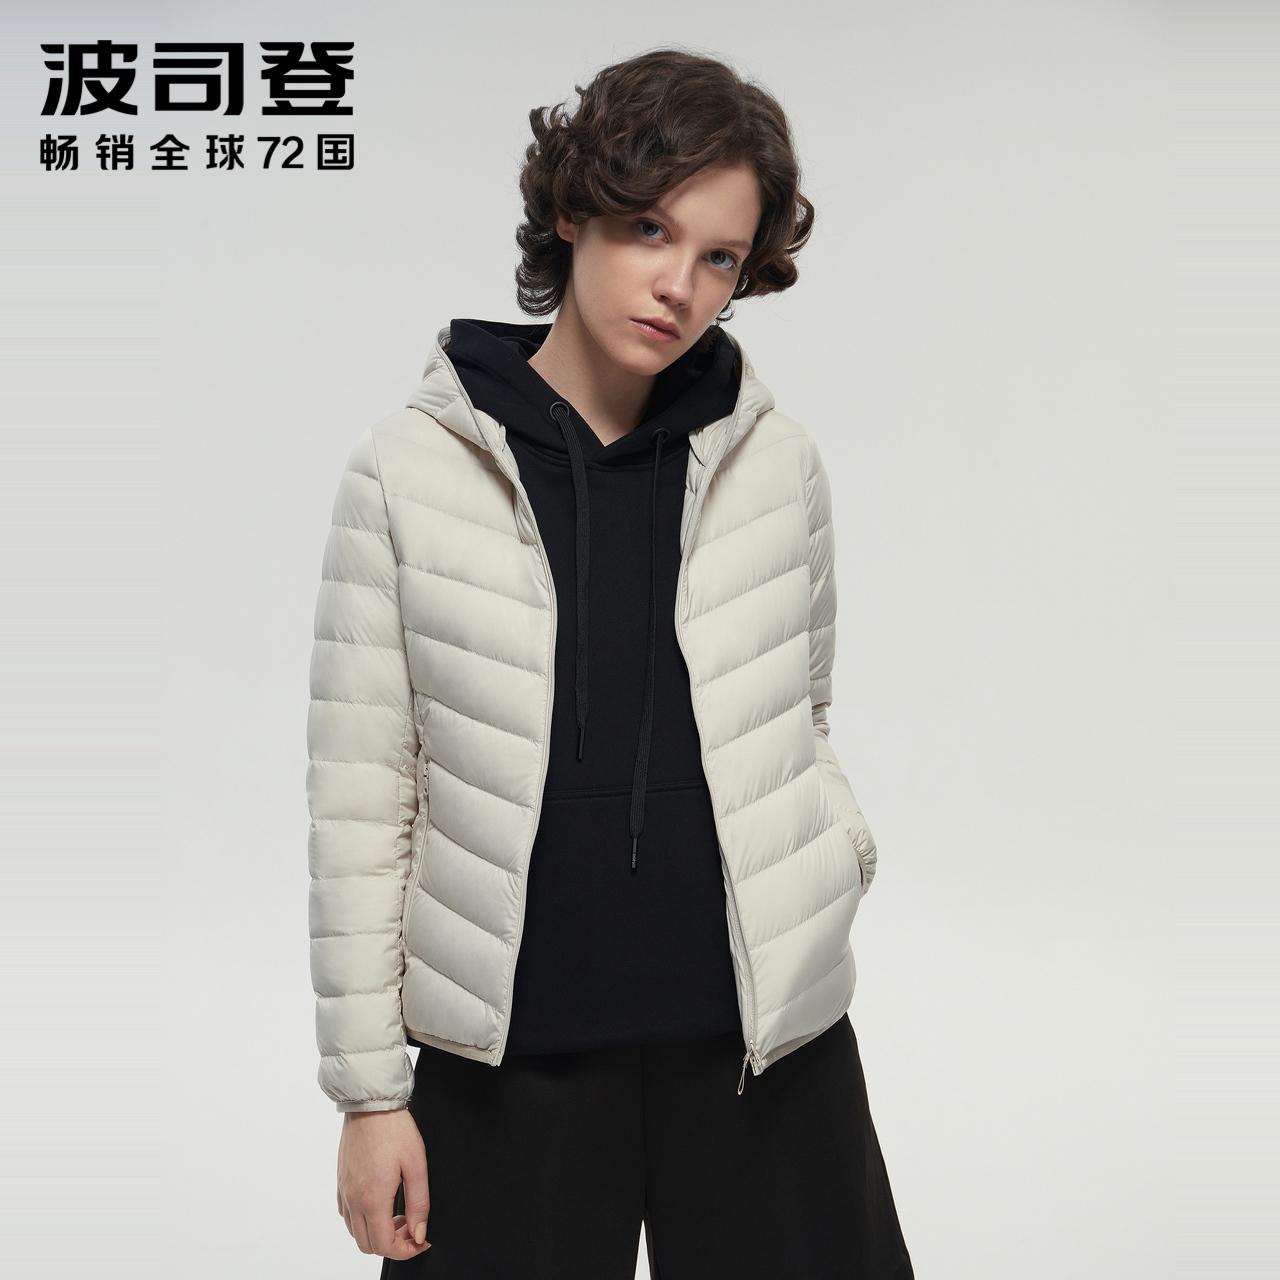 Bosden down jacket womens hoodie sports lightweight inside and outside wear B00131004